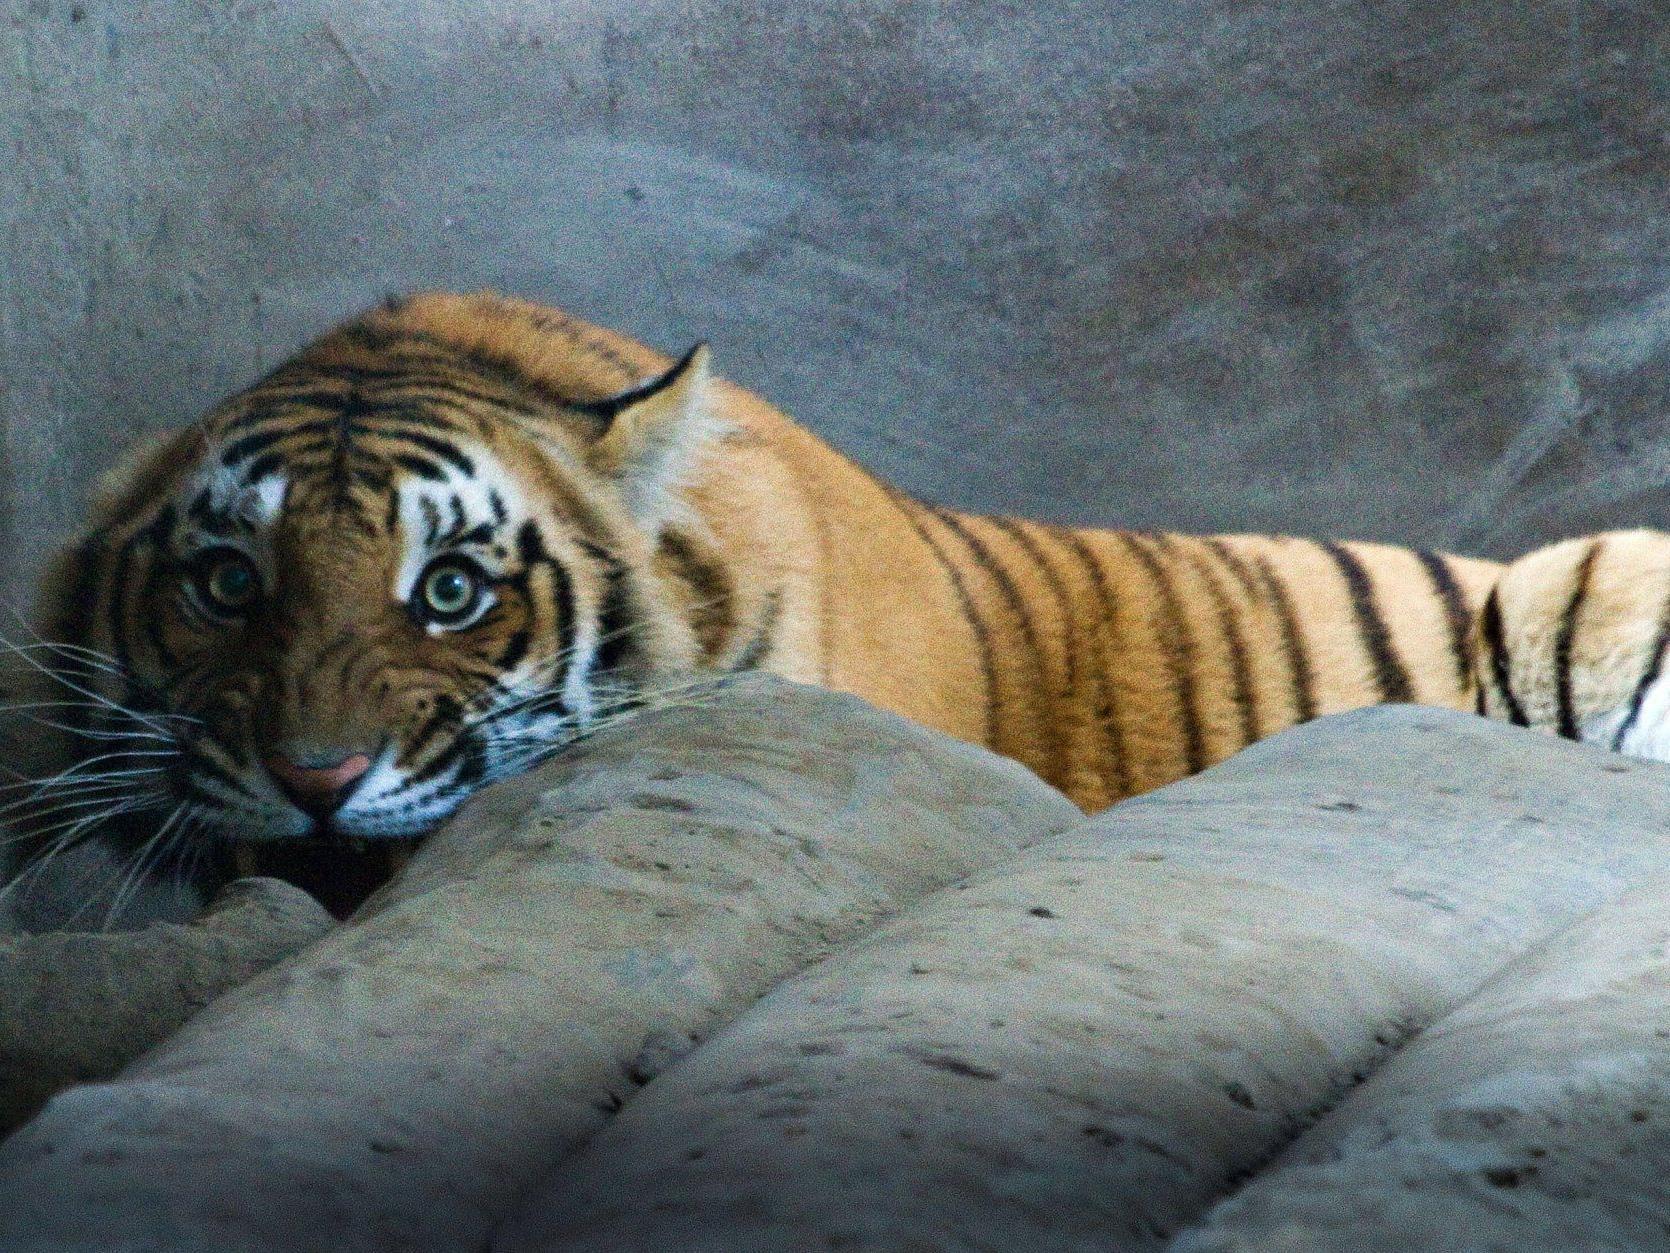 Bei der Hausdurchsuchung wurden neben Tigern auch etliche andere Tierarten entdeckt.